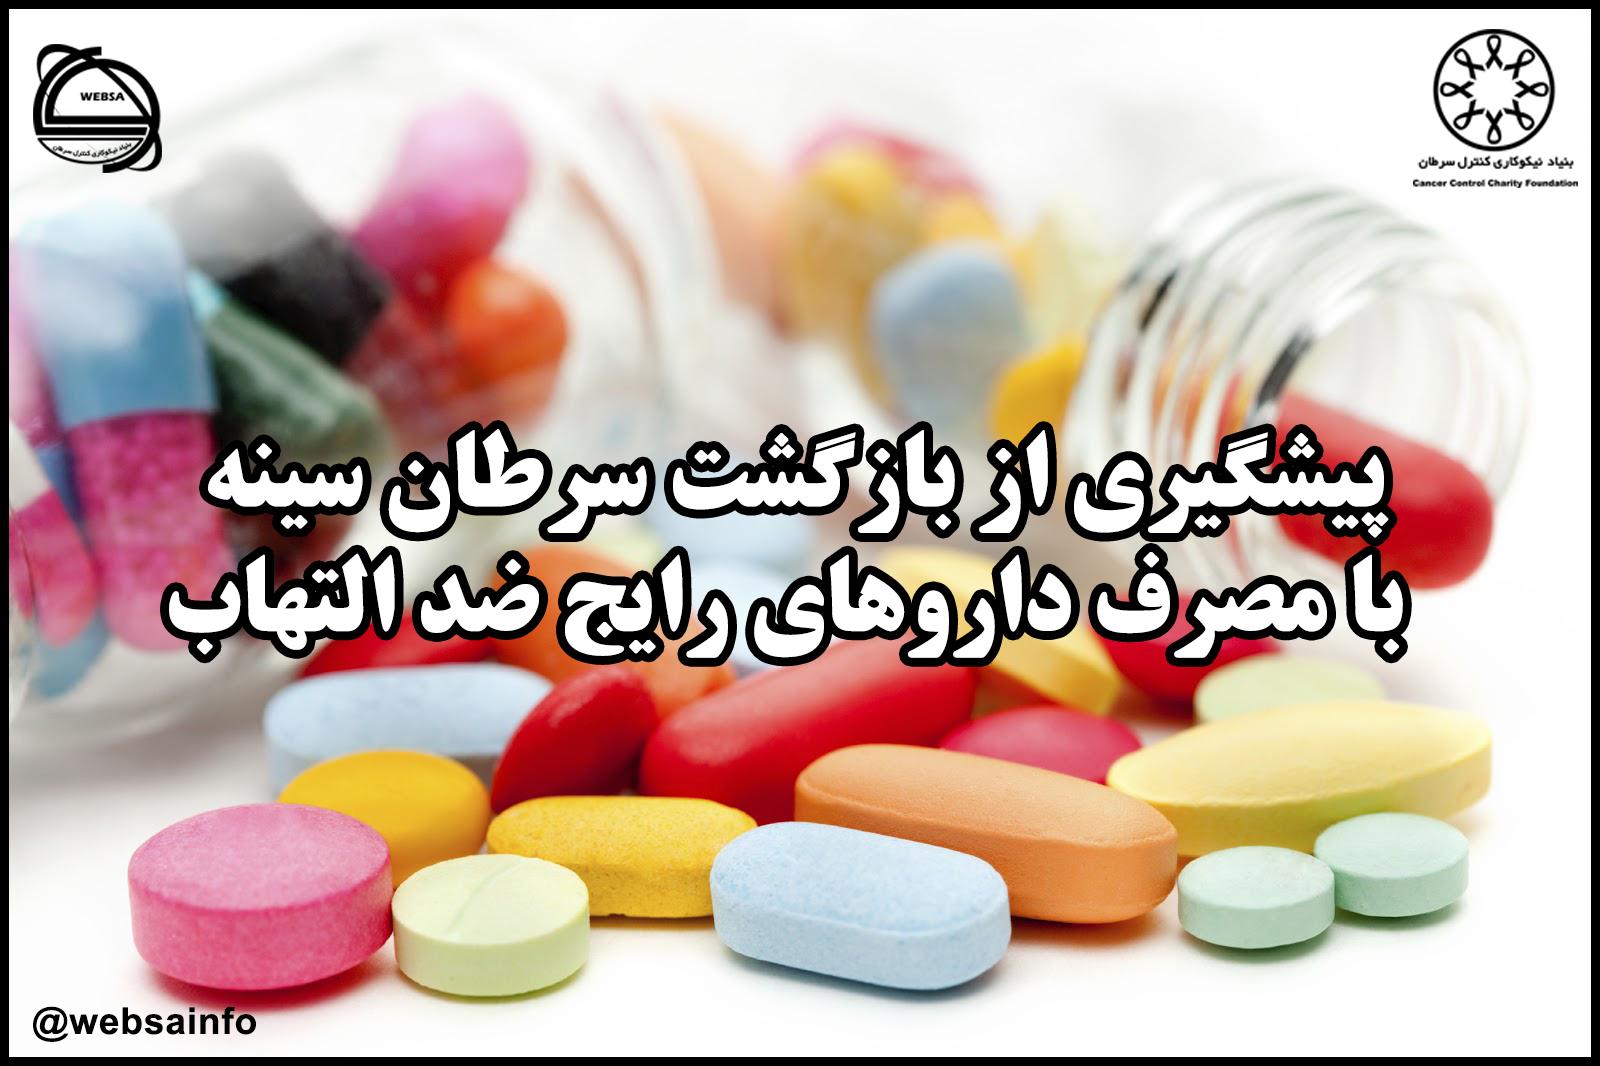 پیشگیری از بازگشت سرطان سینه با مصرف داروهای رایج ضد التهاب